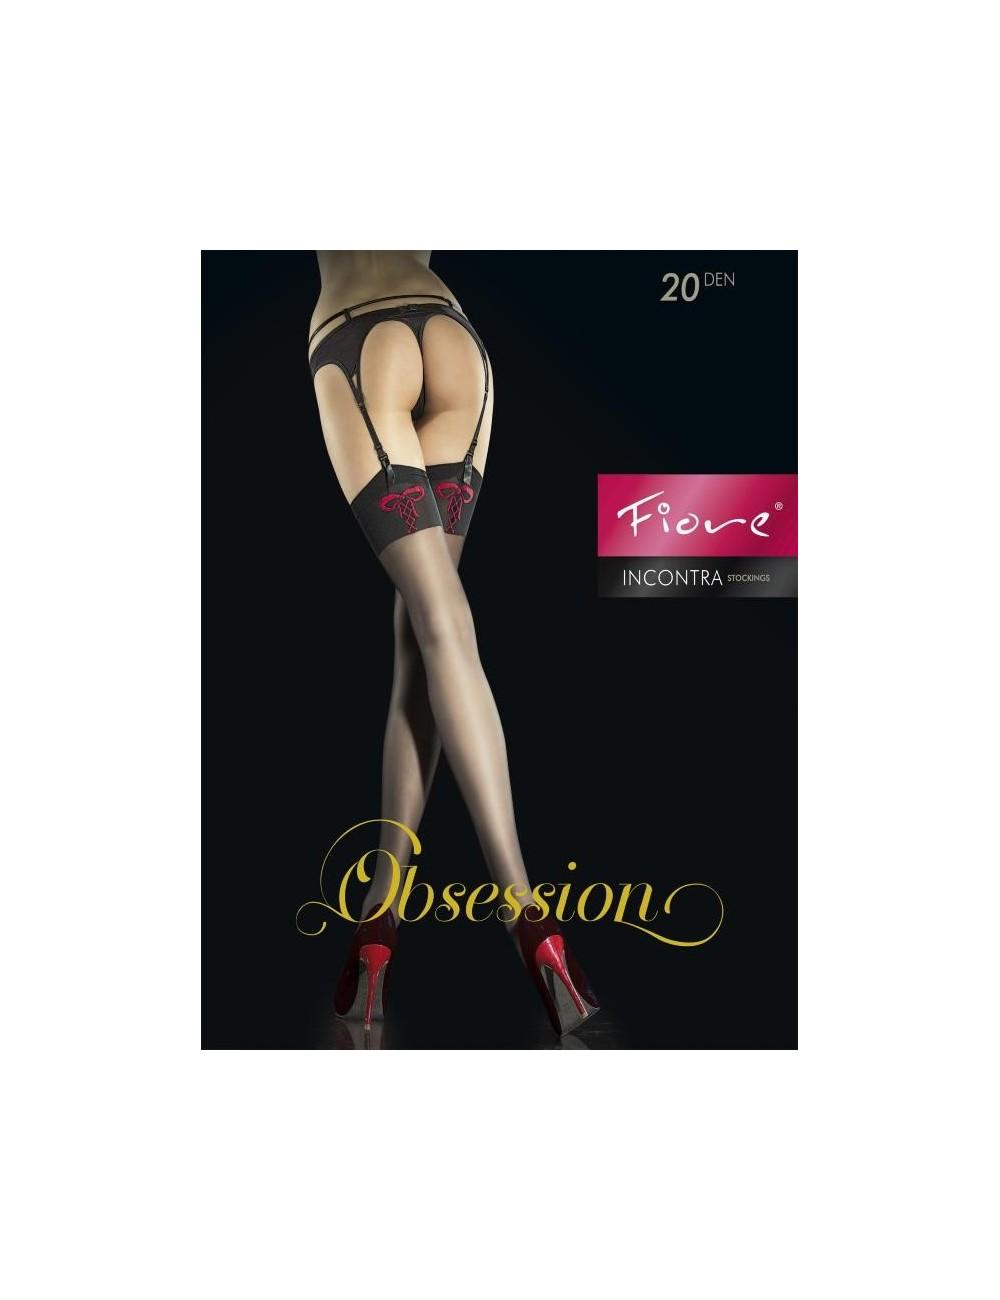 Lingerie - Bas - Bas sexy noire jarretière avec dessin cœur 20 DEN Incontra - Fiore